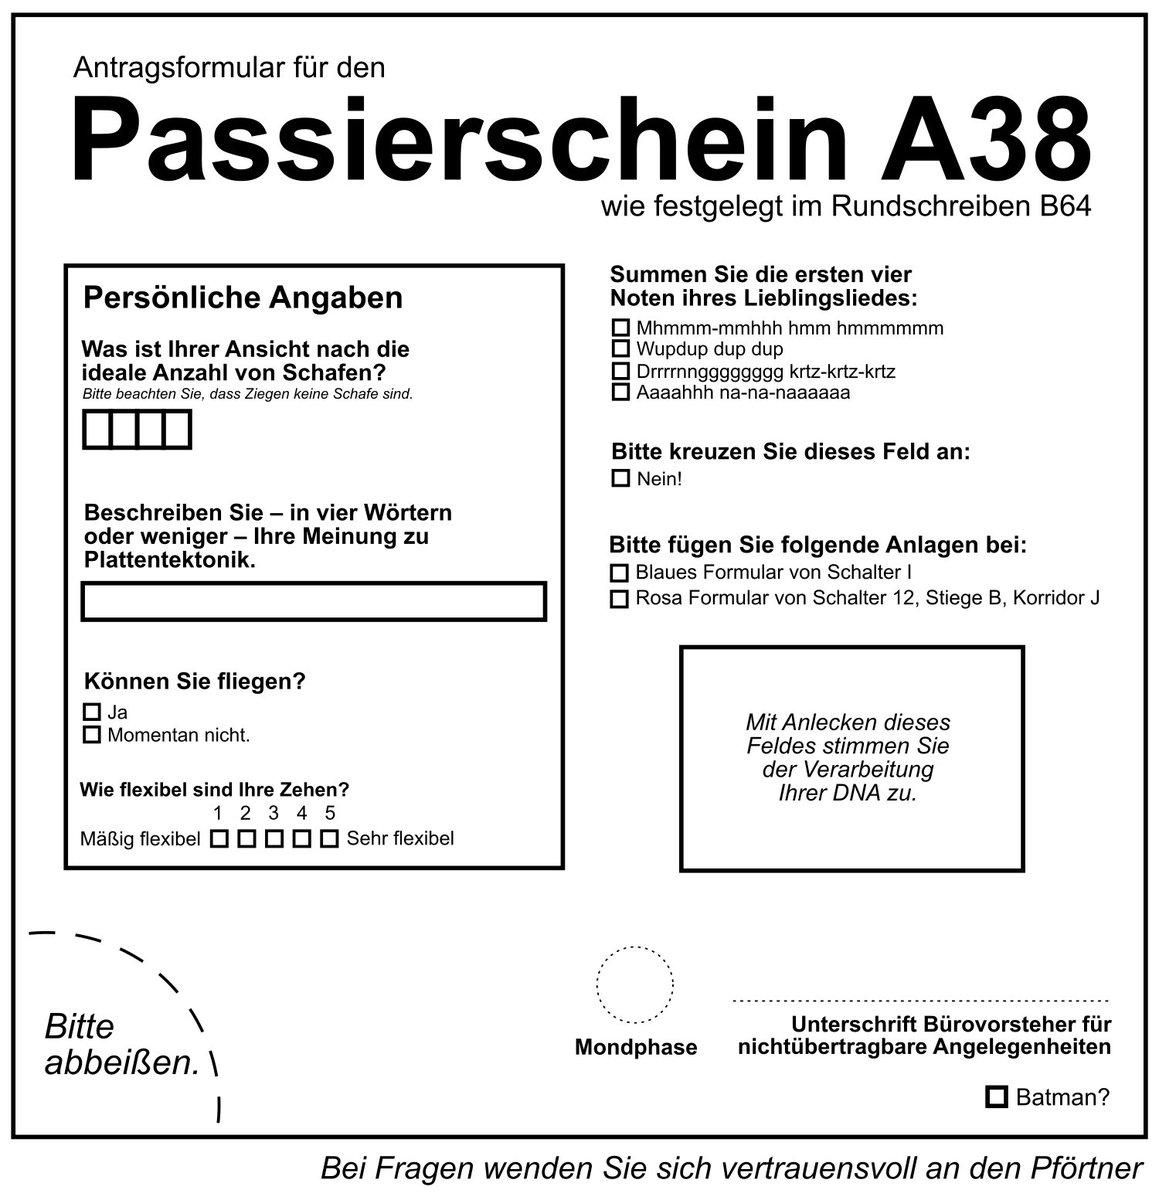 Asterix formular a38